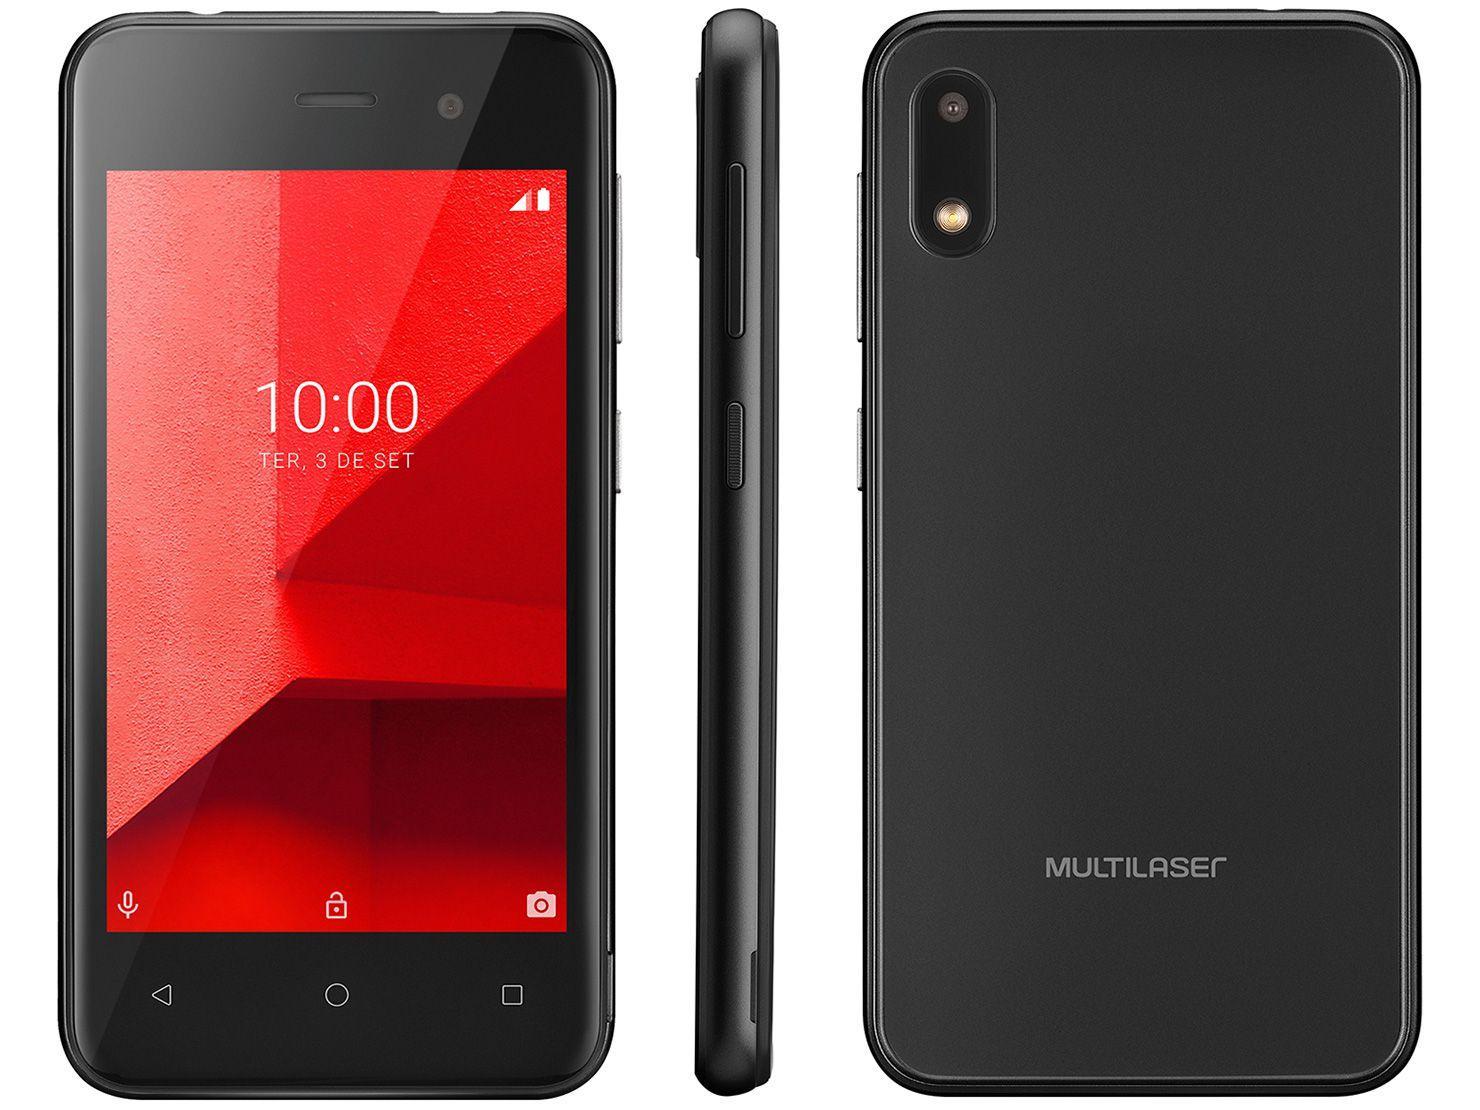 """Smartphone Multilaser E Lite P9126 32GB Preto 3G - Quad-Core 512MB 4"""" Câm. 5MP Dual Chip"""